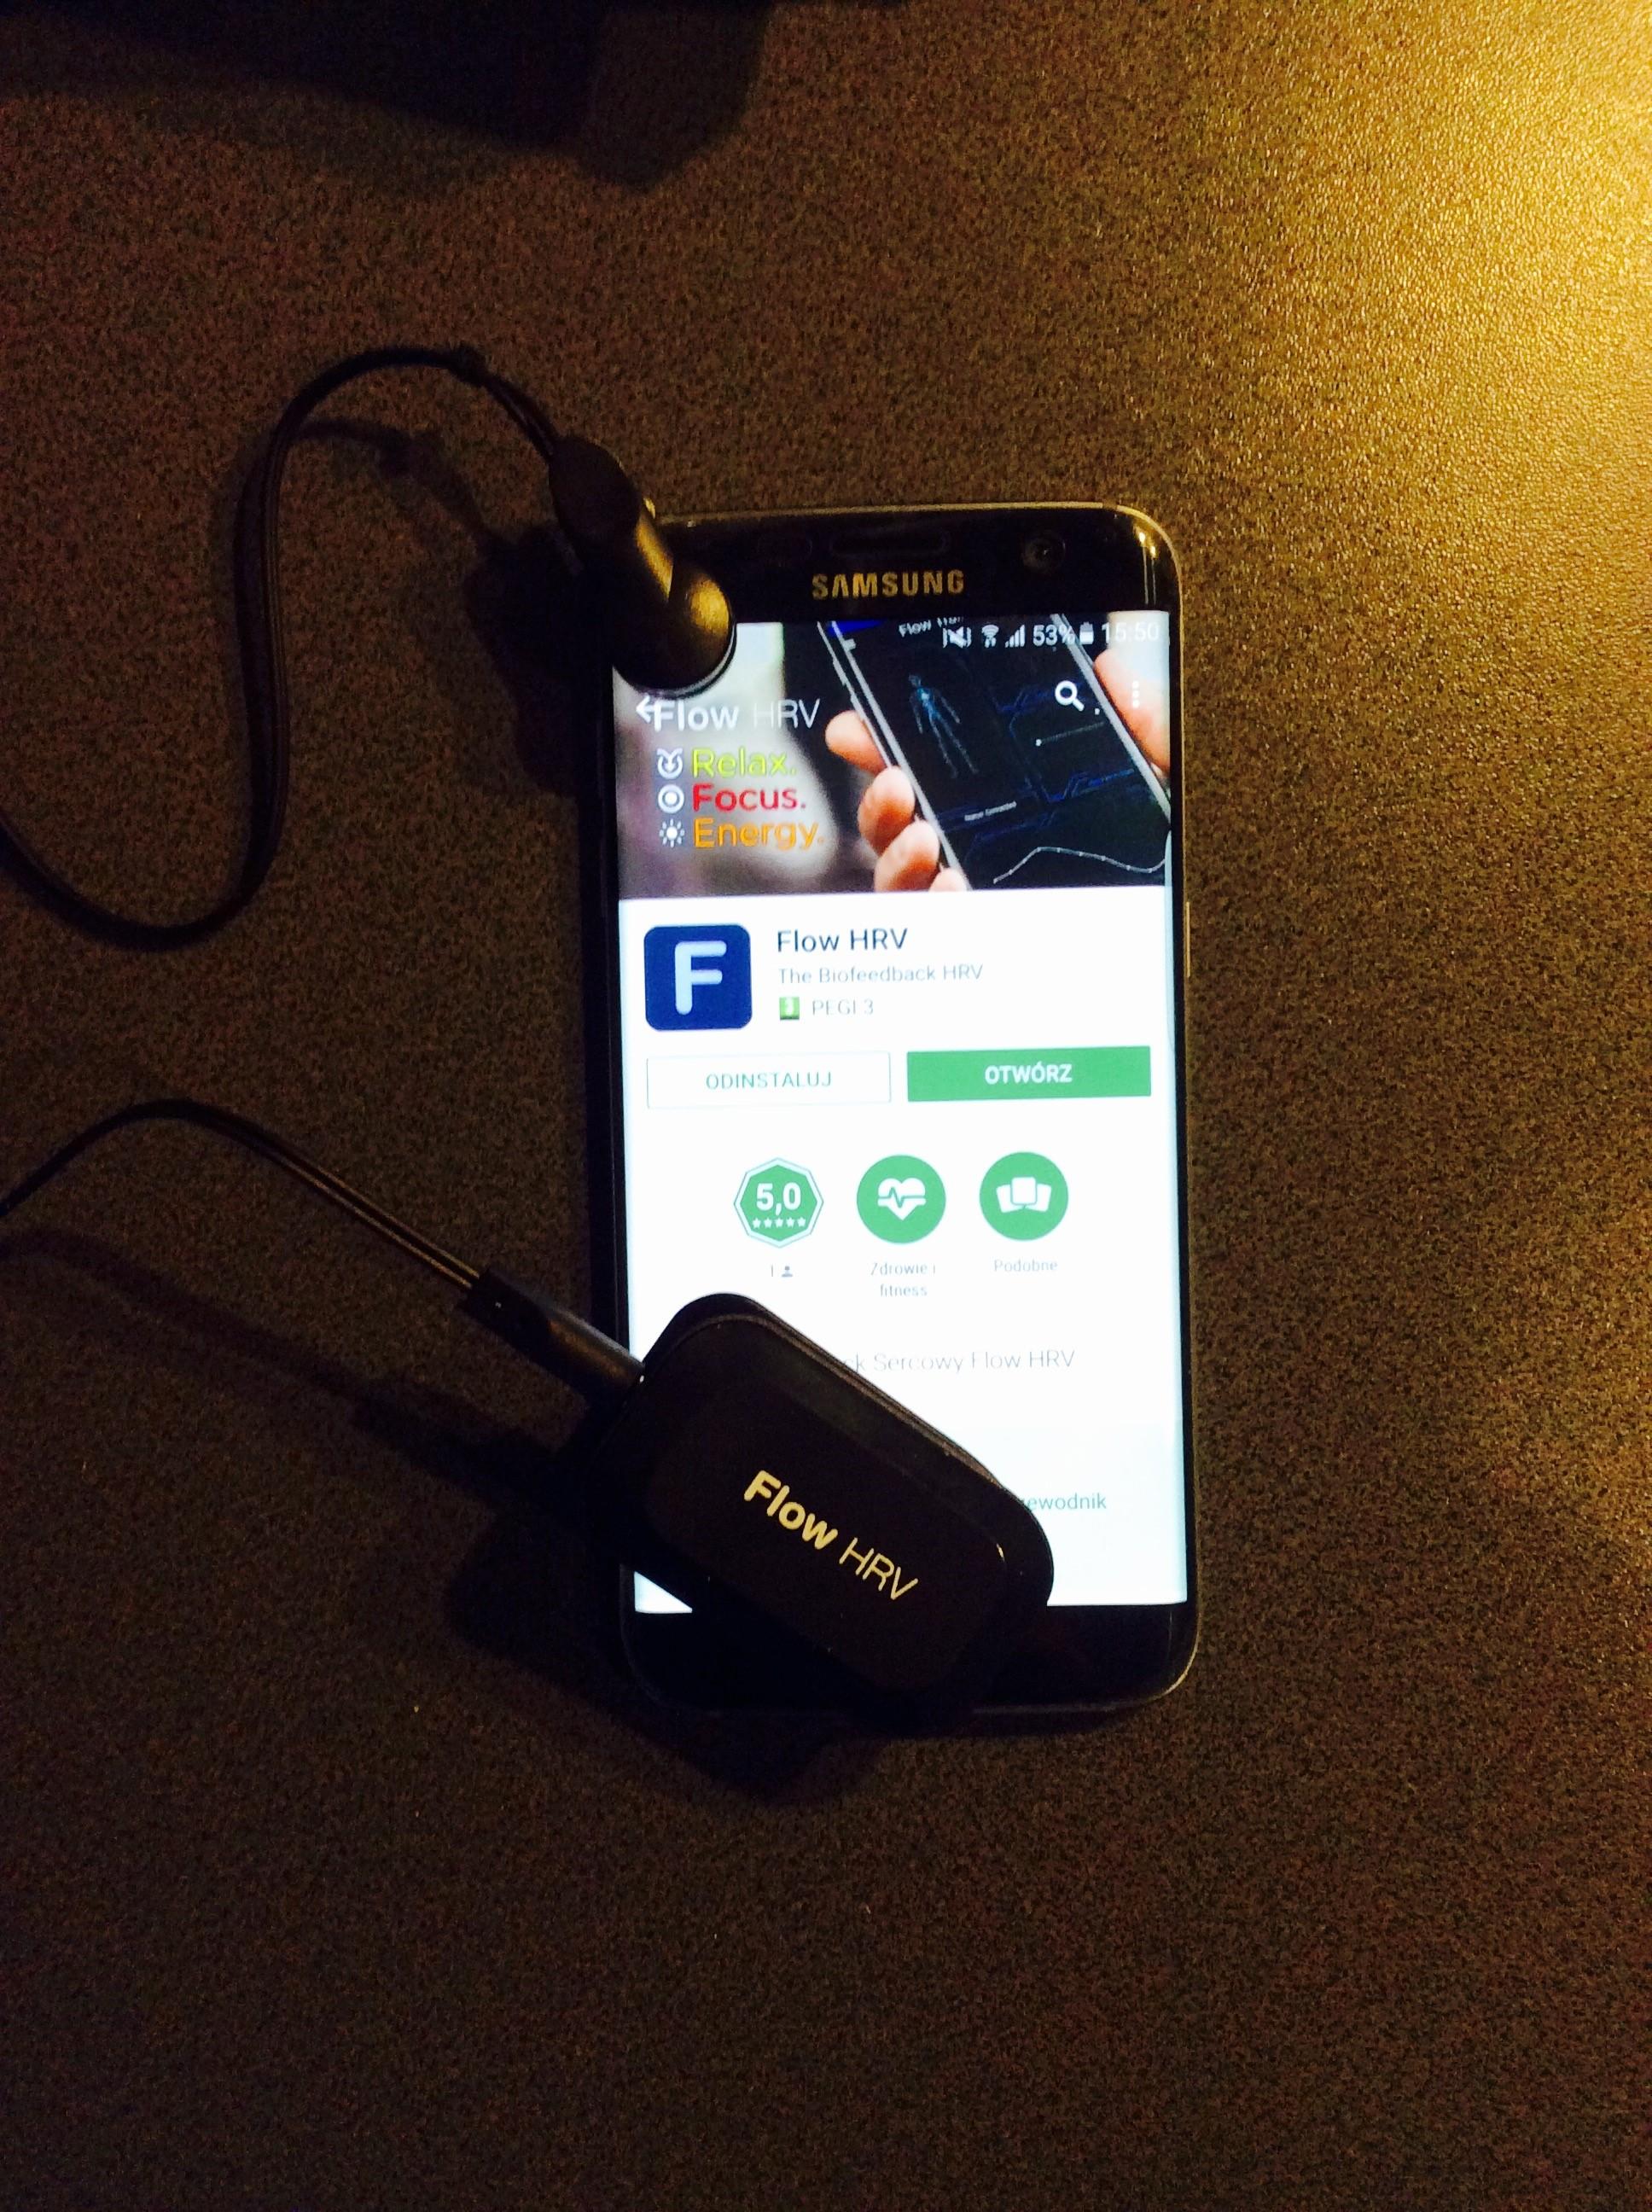 Instalacja biofeedbacku na telefonie Samsung z Androidem